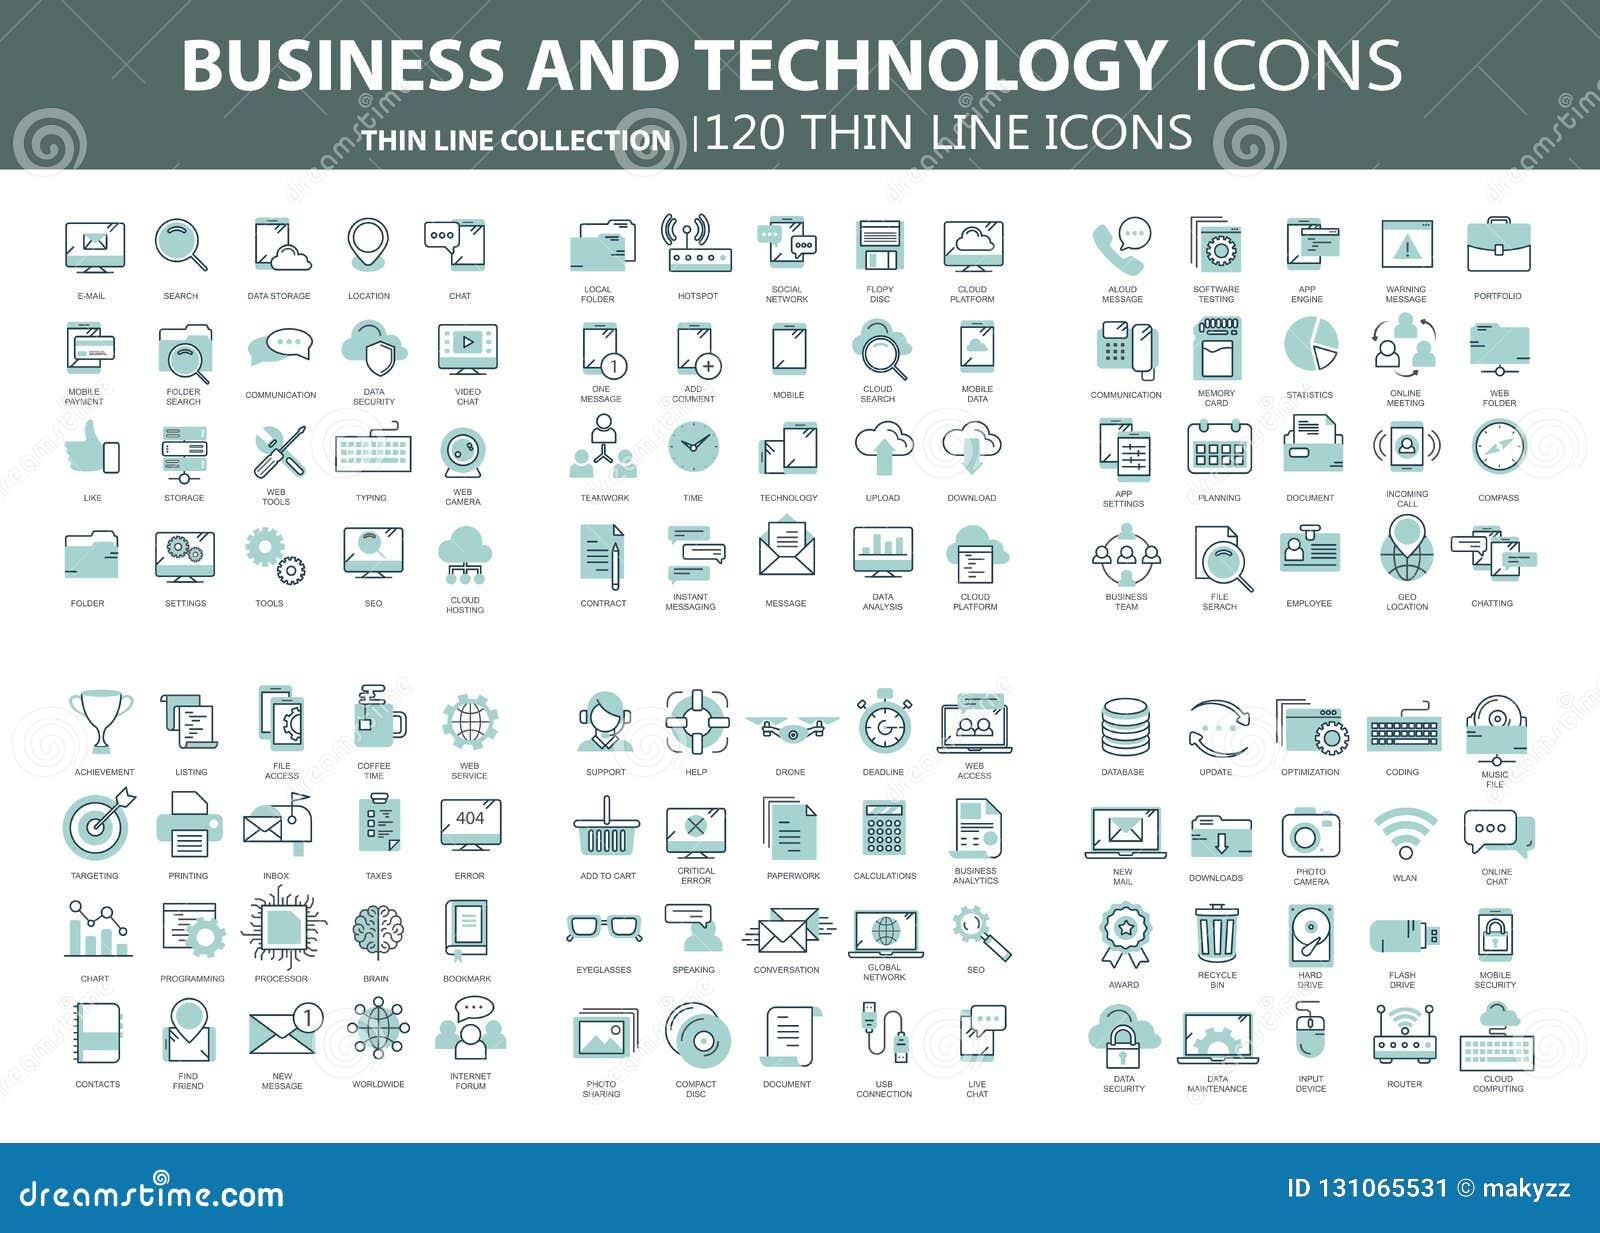 Zaken en marketing, programmering, gegevensbeheer, Internet-verbinding, sociaal netwerk, gegevensverwerking, informatie